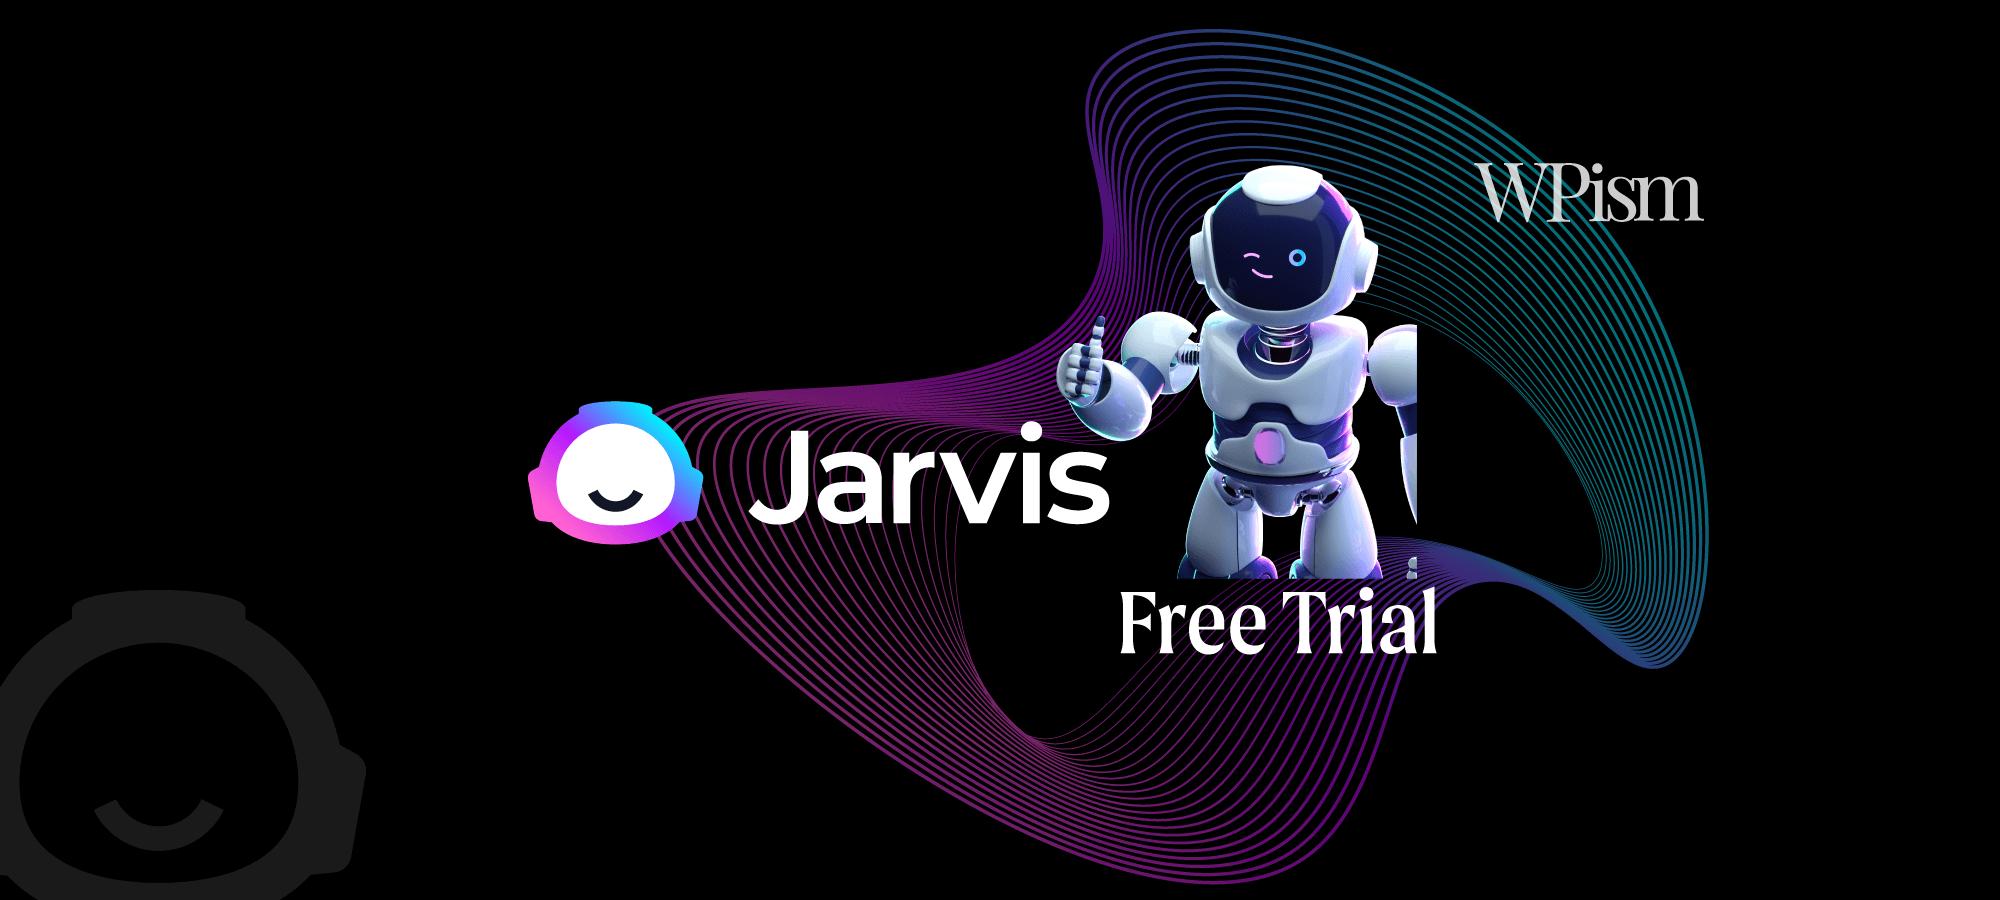 Jarvis AI Free Trial – Get 10,000 Bonus Credits Deal